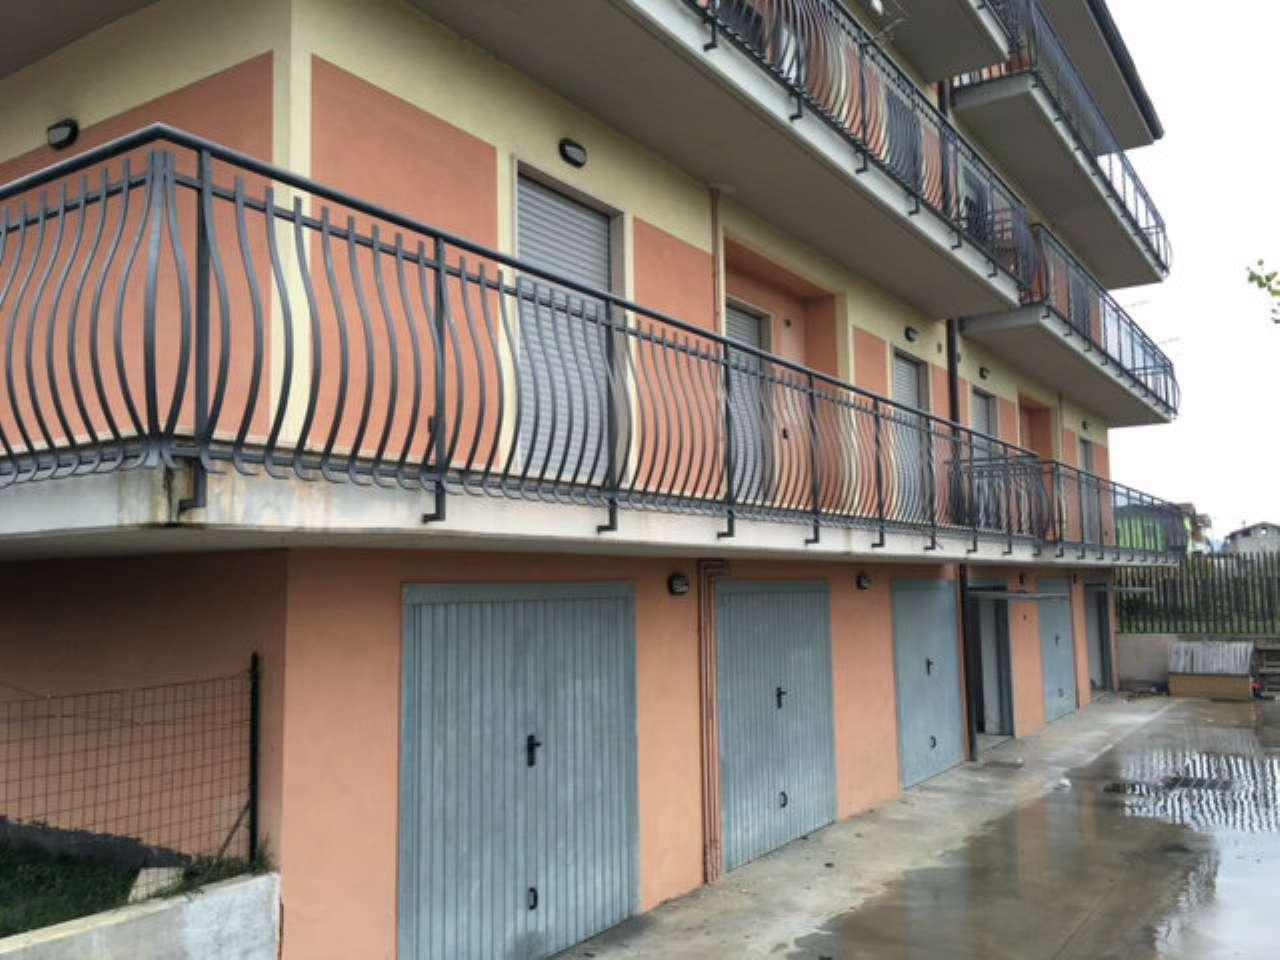 Appartamento in vendita a Bojano, 9999 locali, prezzo € 155.000 | CambioCasa.it